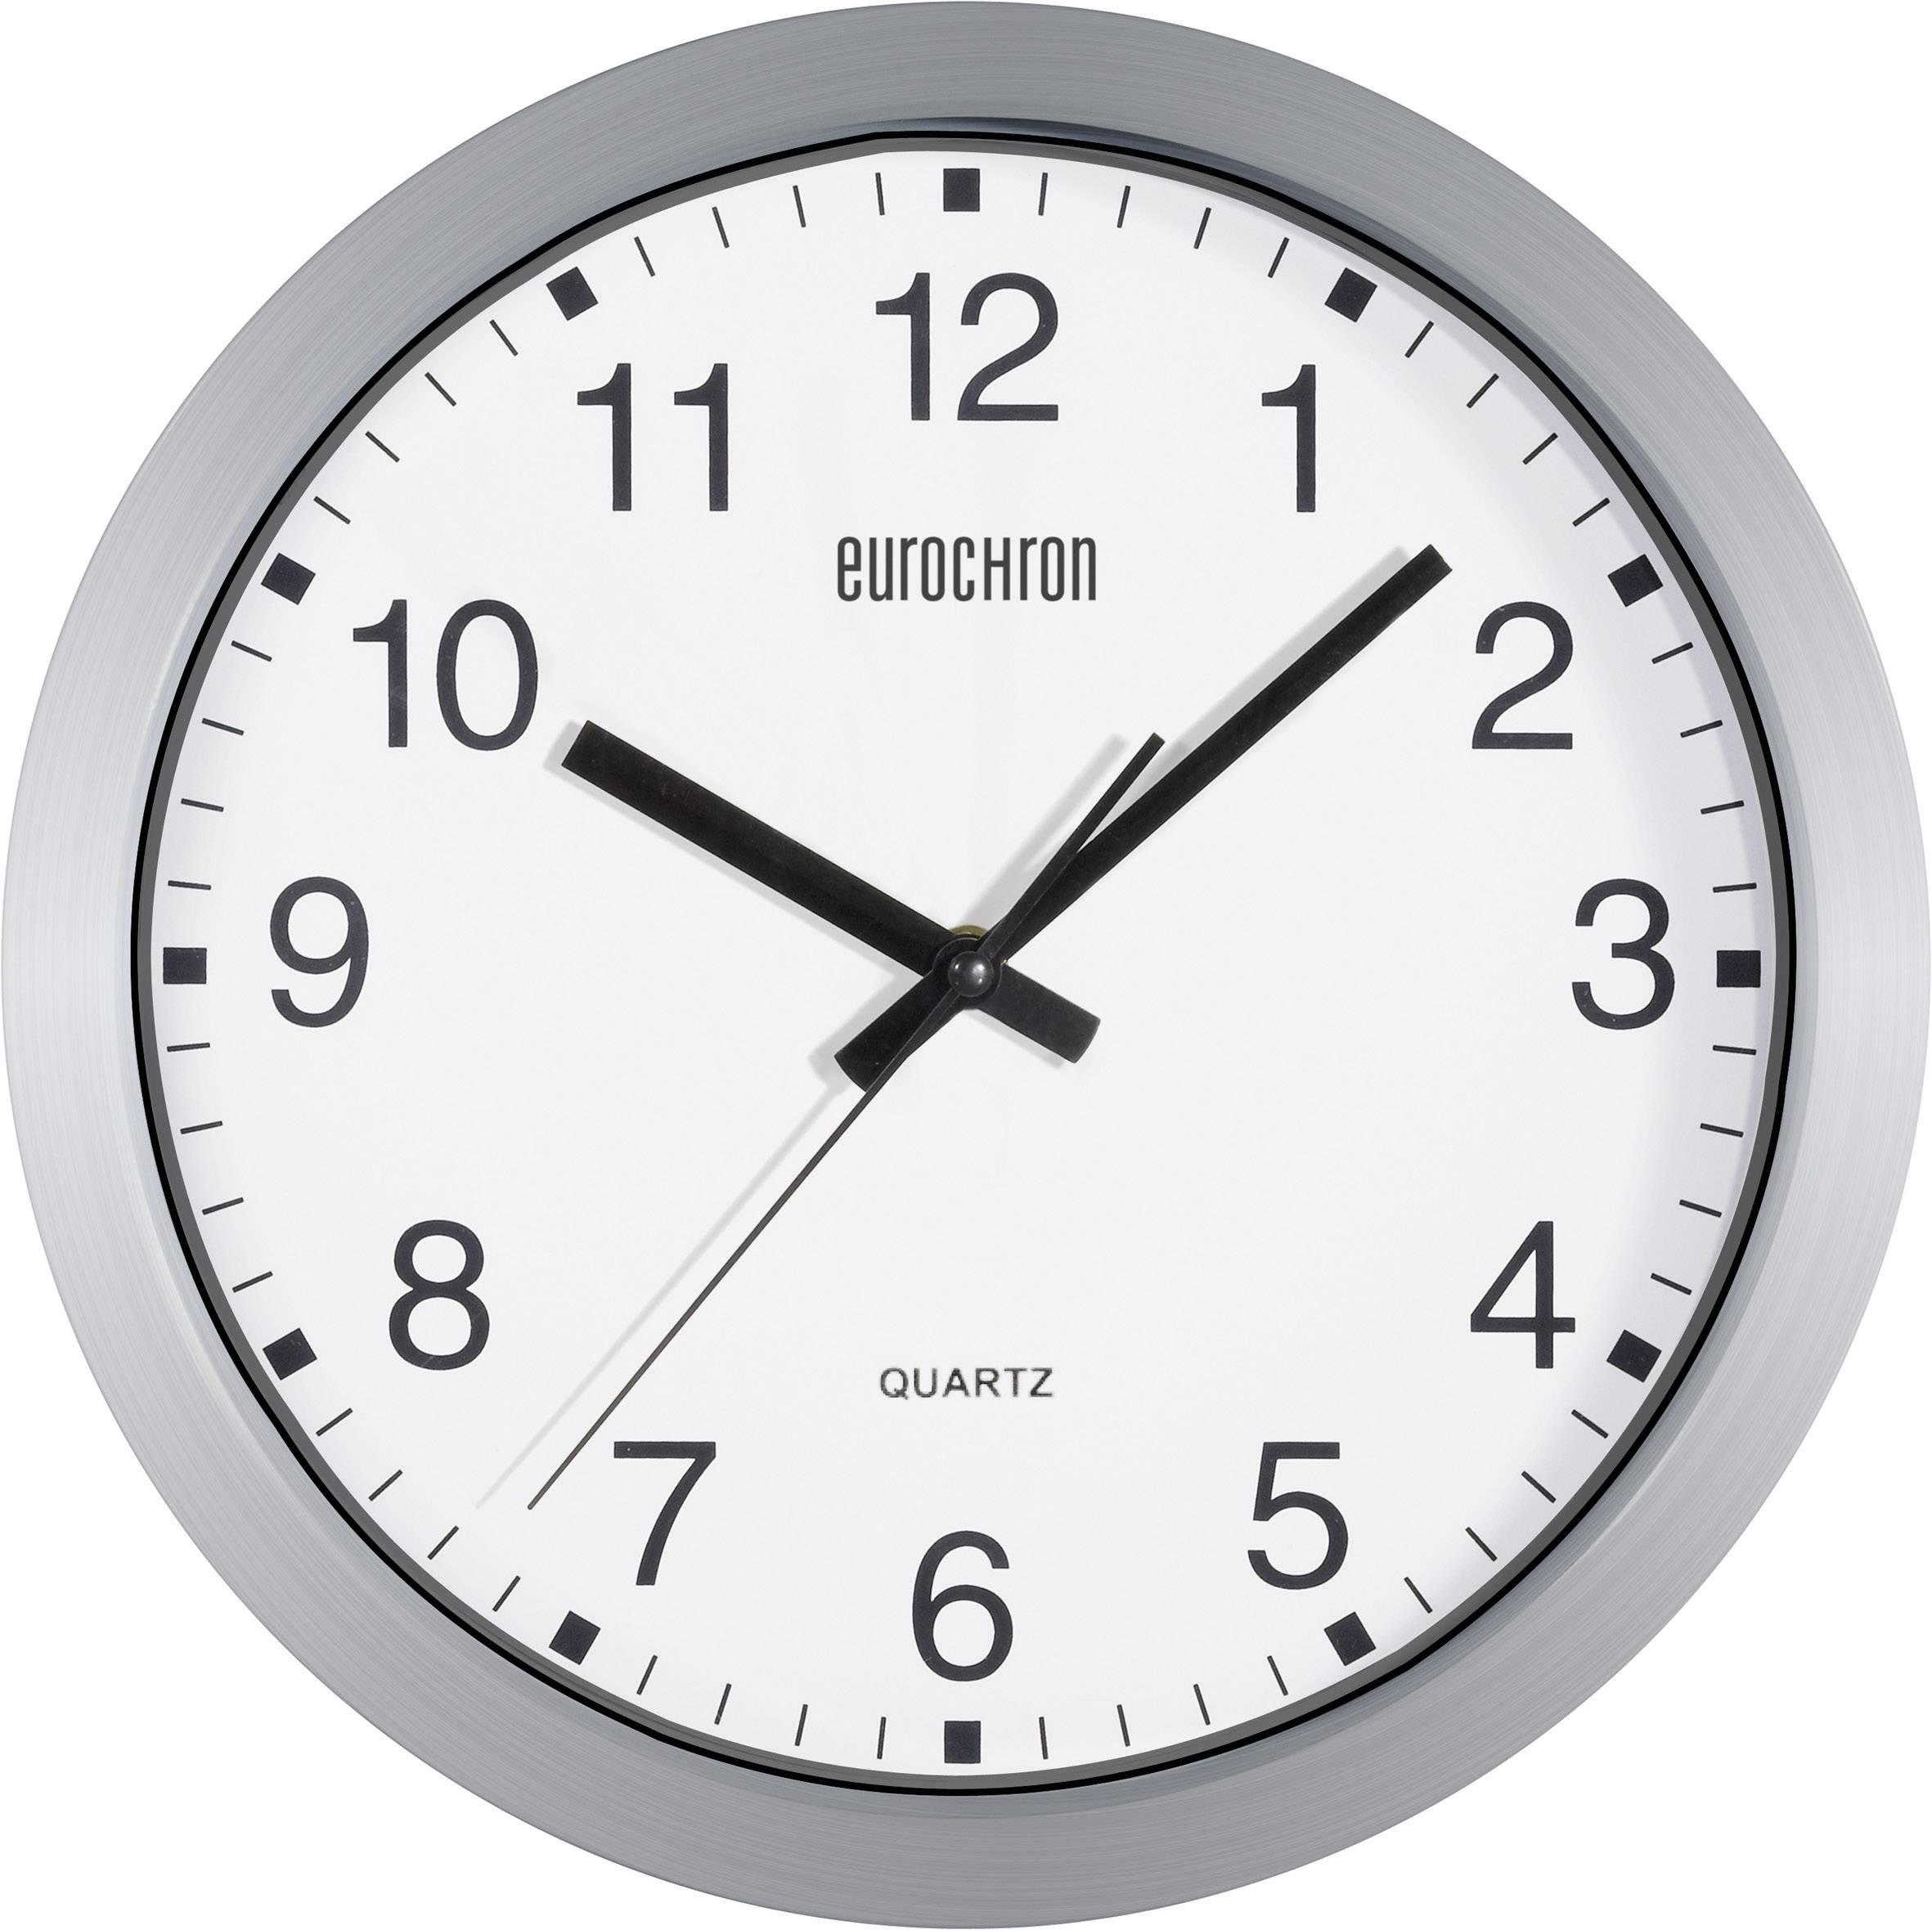 Analógové nástenné hodiny Eurochron EQWU 880, 30 cm, strieborné